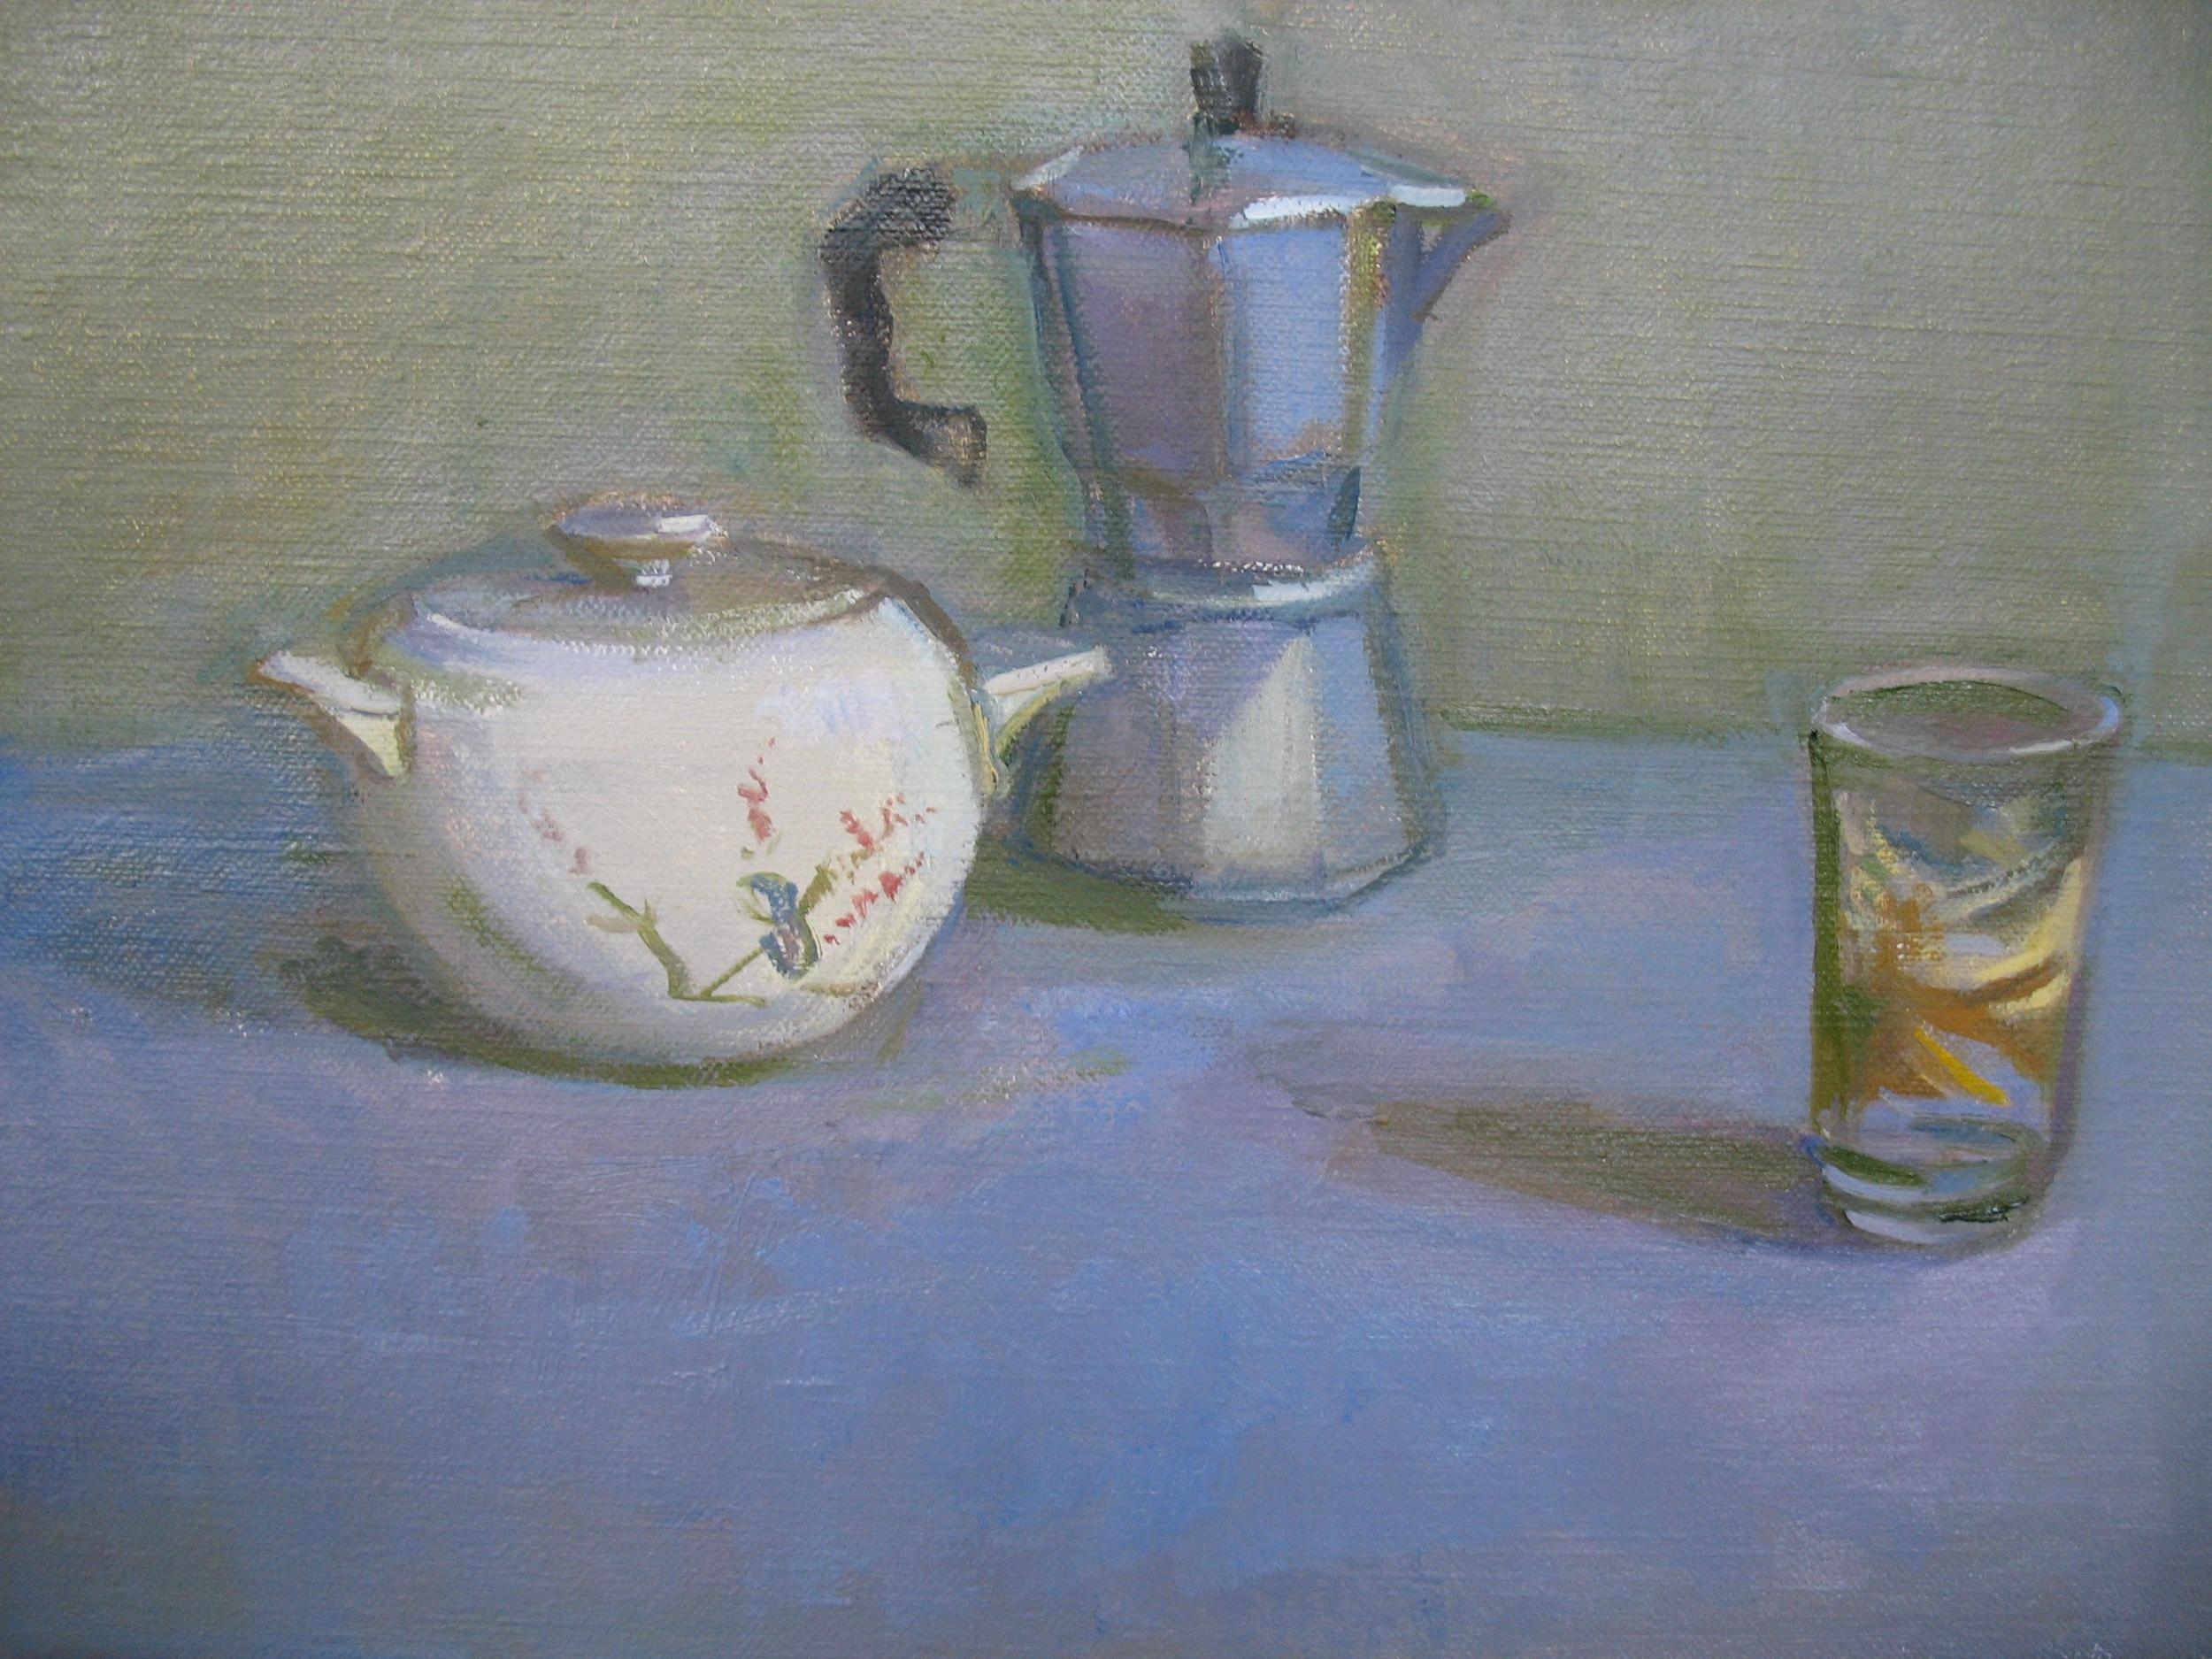 Sugar Bowl, Espresso Pot, Small Glass